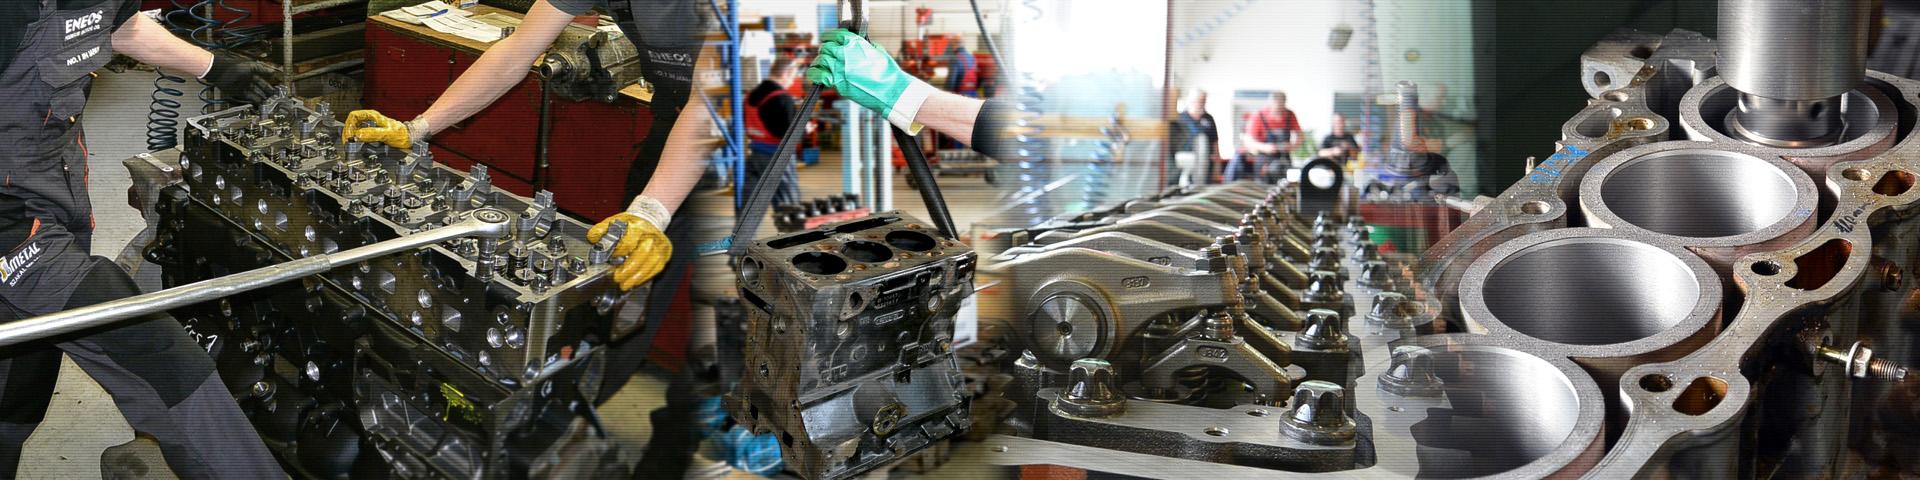 Autófajívás, motor felújítás, motorgenerál, alumínium hegesztés